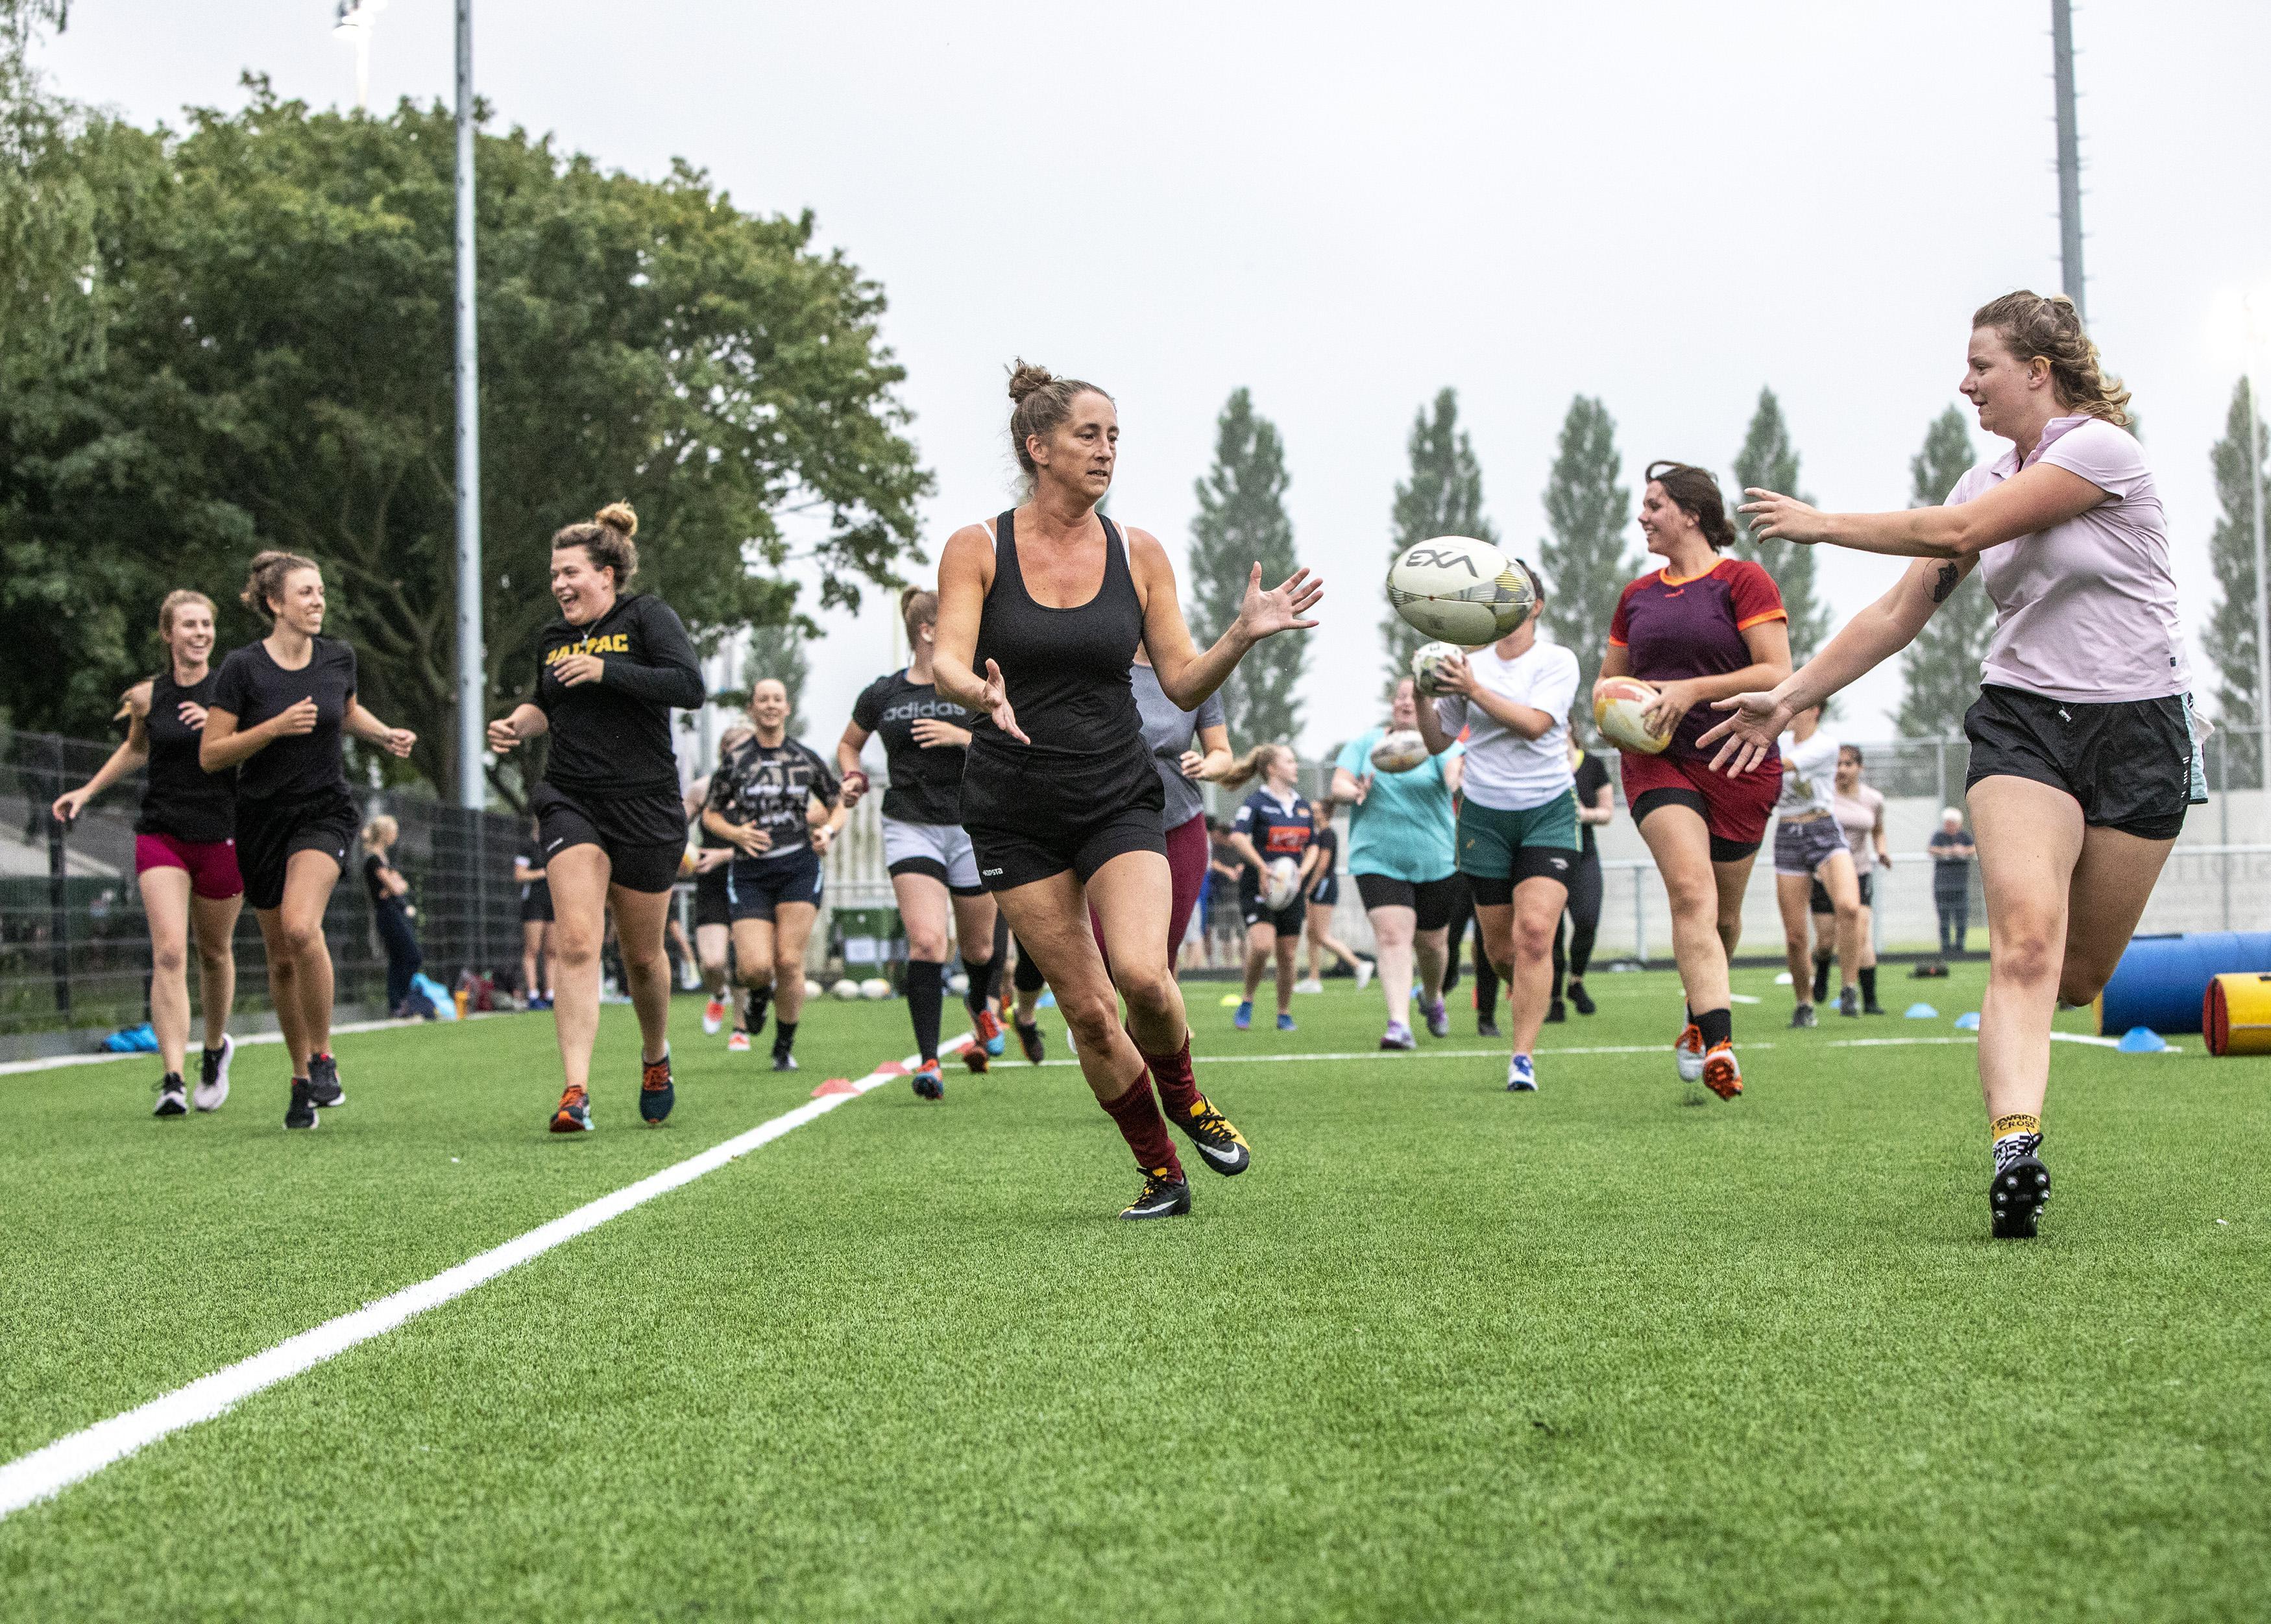 'Die ovale bal stuitert echt alle kanten op', is de conclusie op de 'vriendinnendag' van Rugby Haarlem